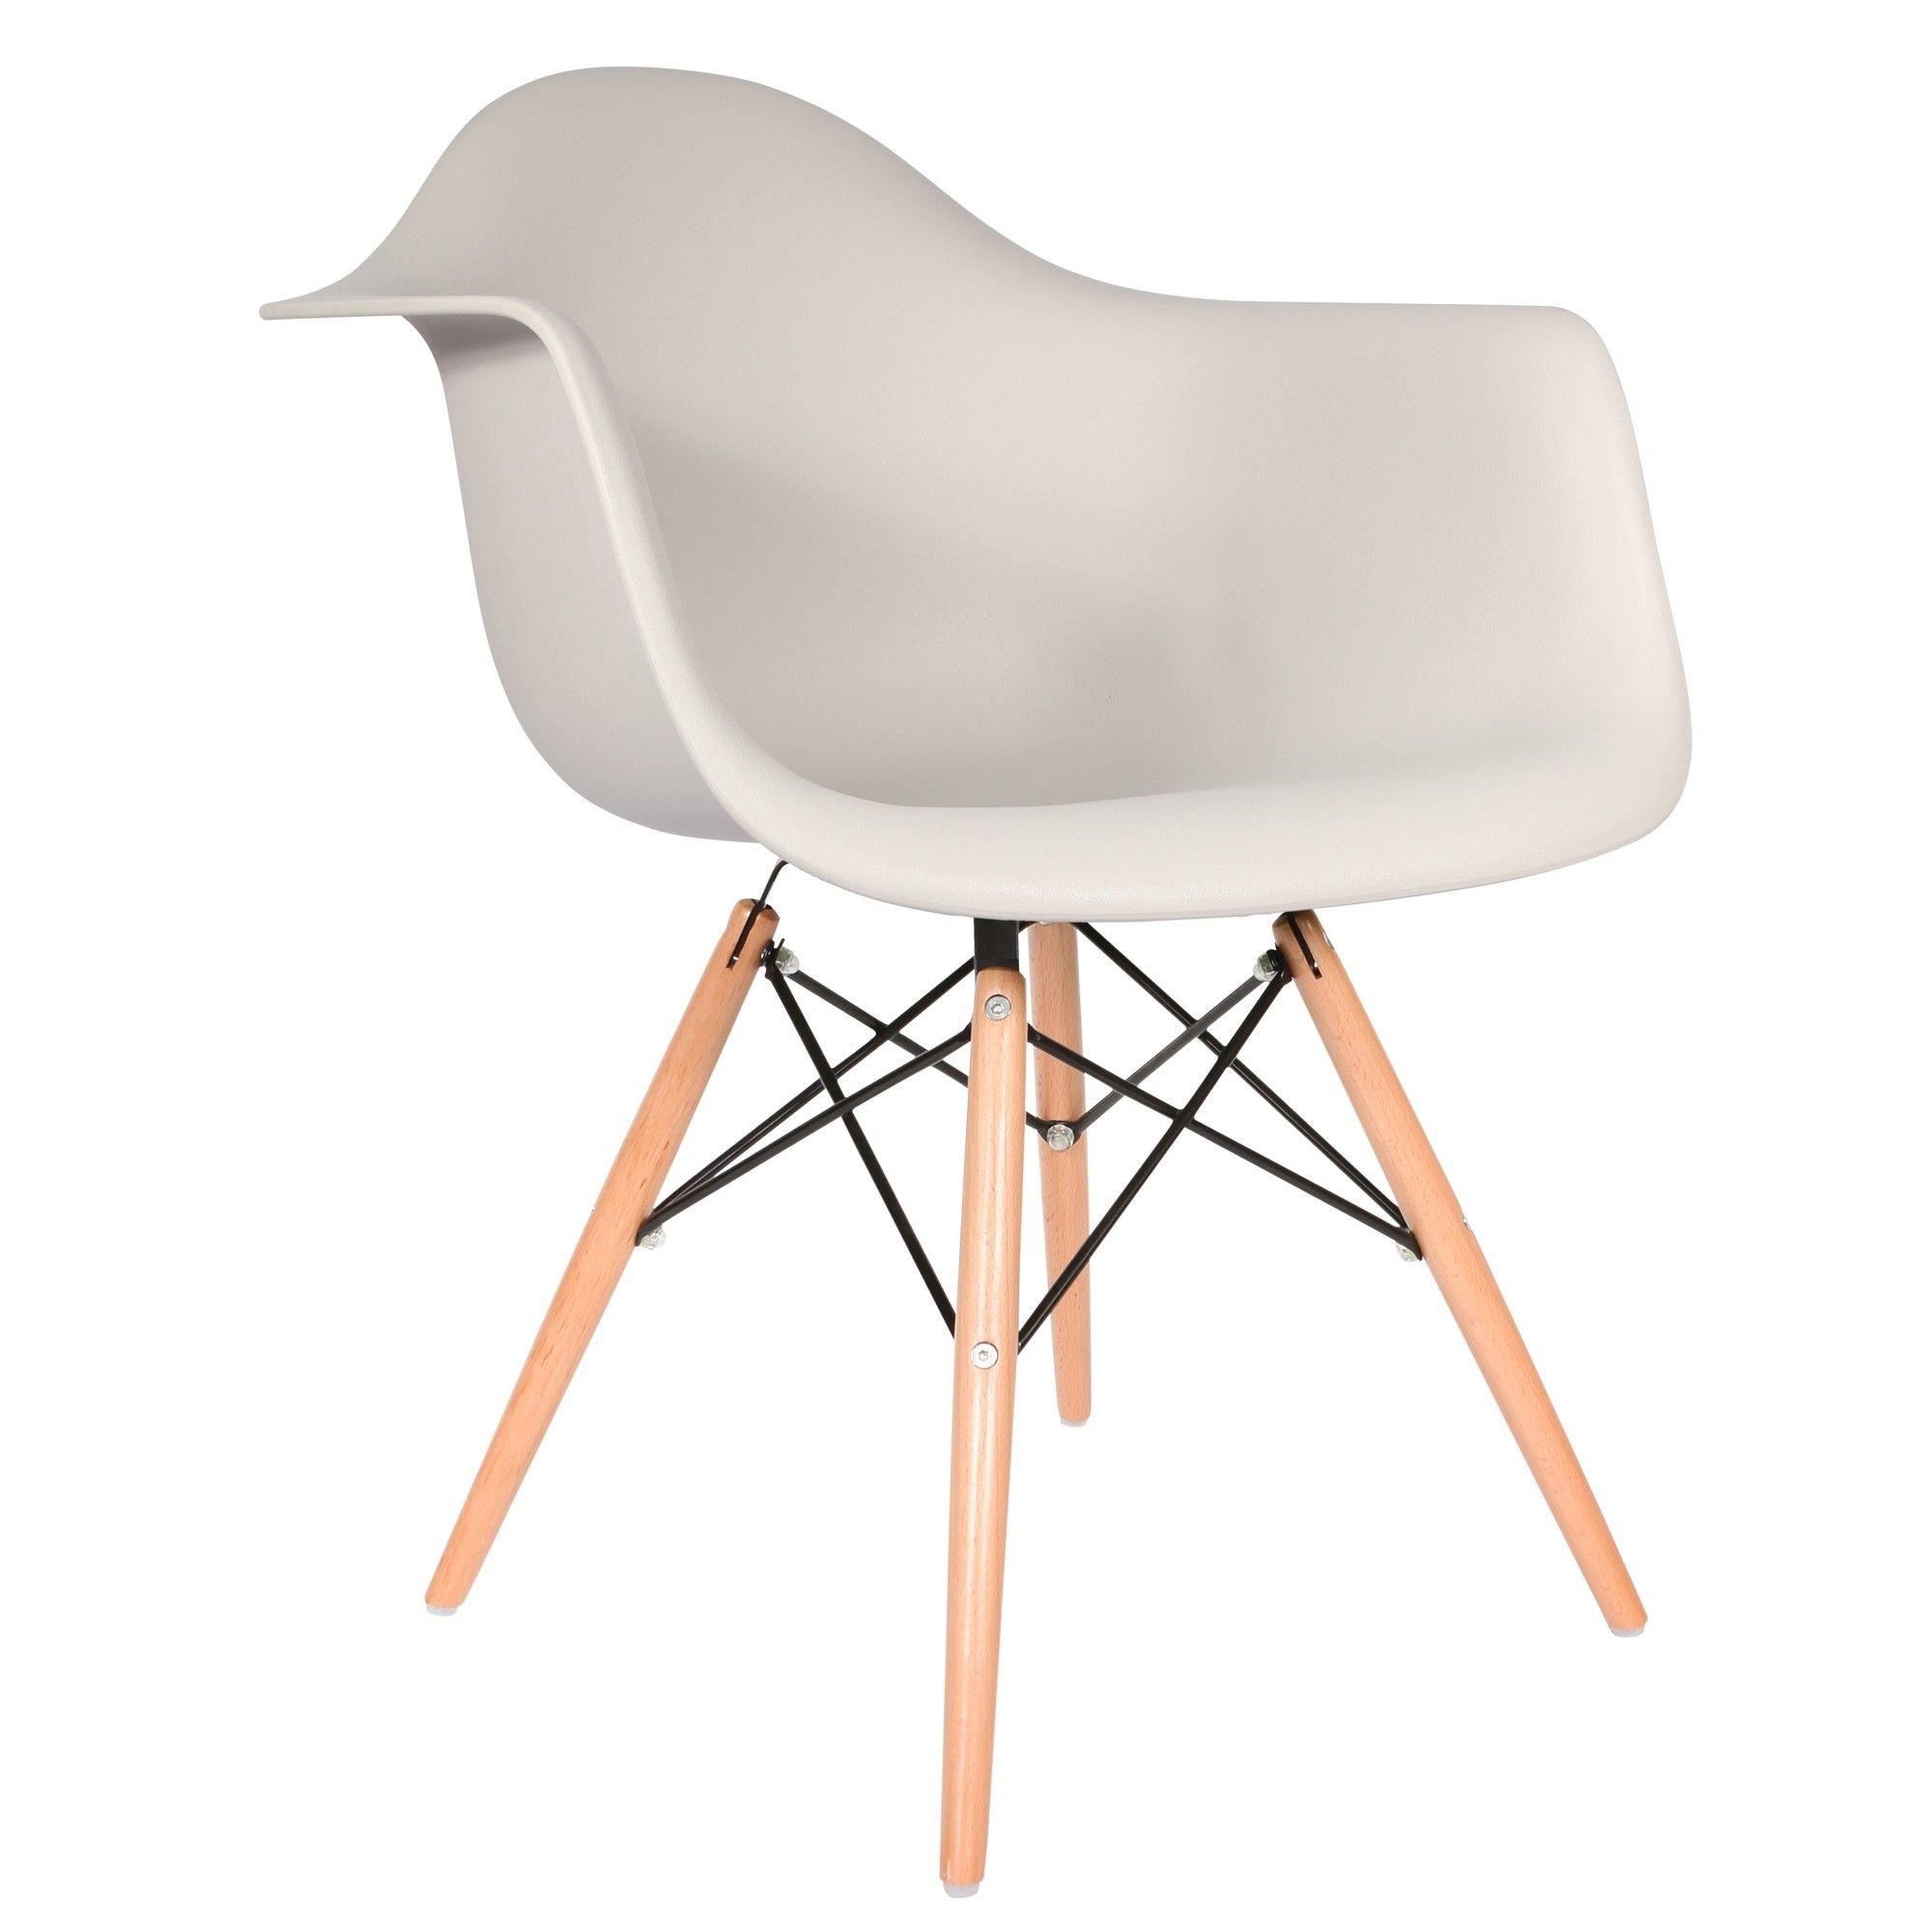 Fauteuil Design Daw Eames Metallstuhle Moderne Esszimmerstuhle